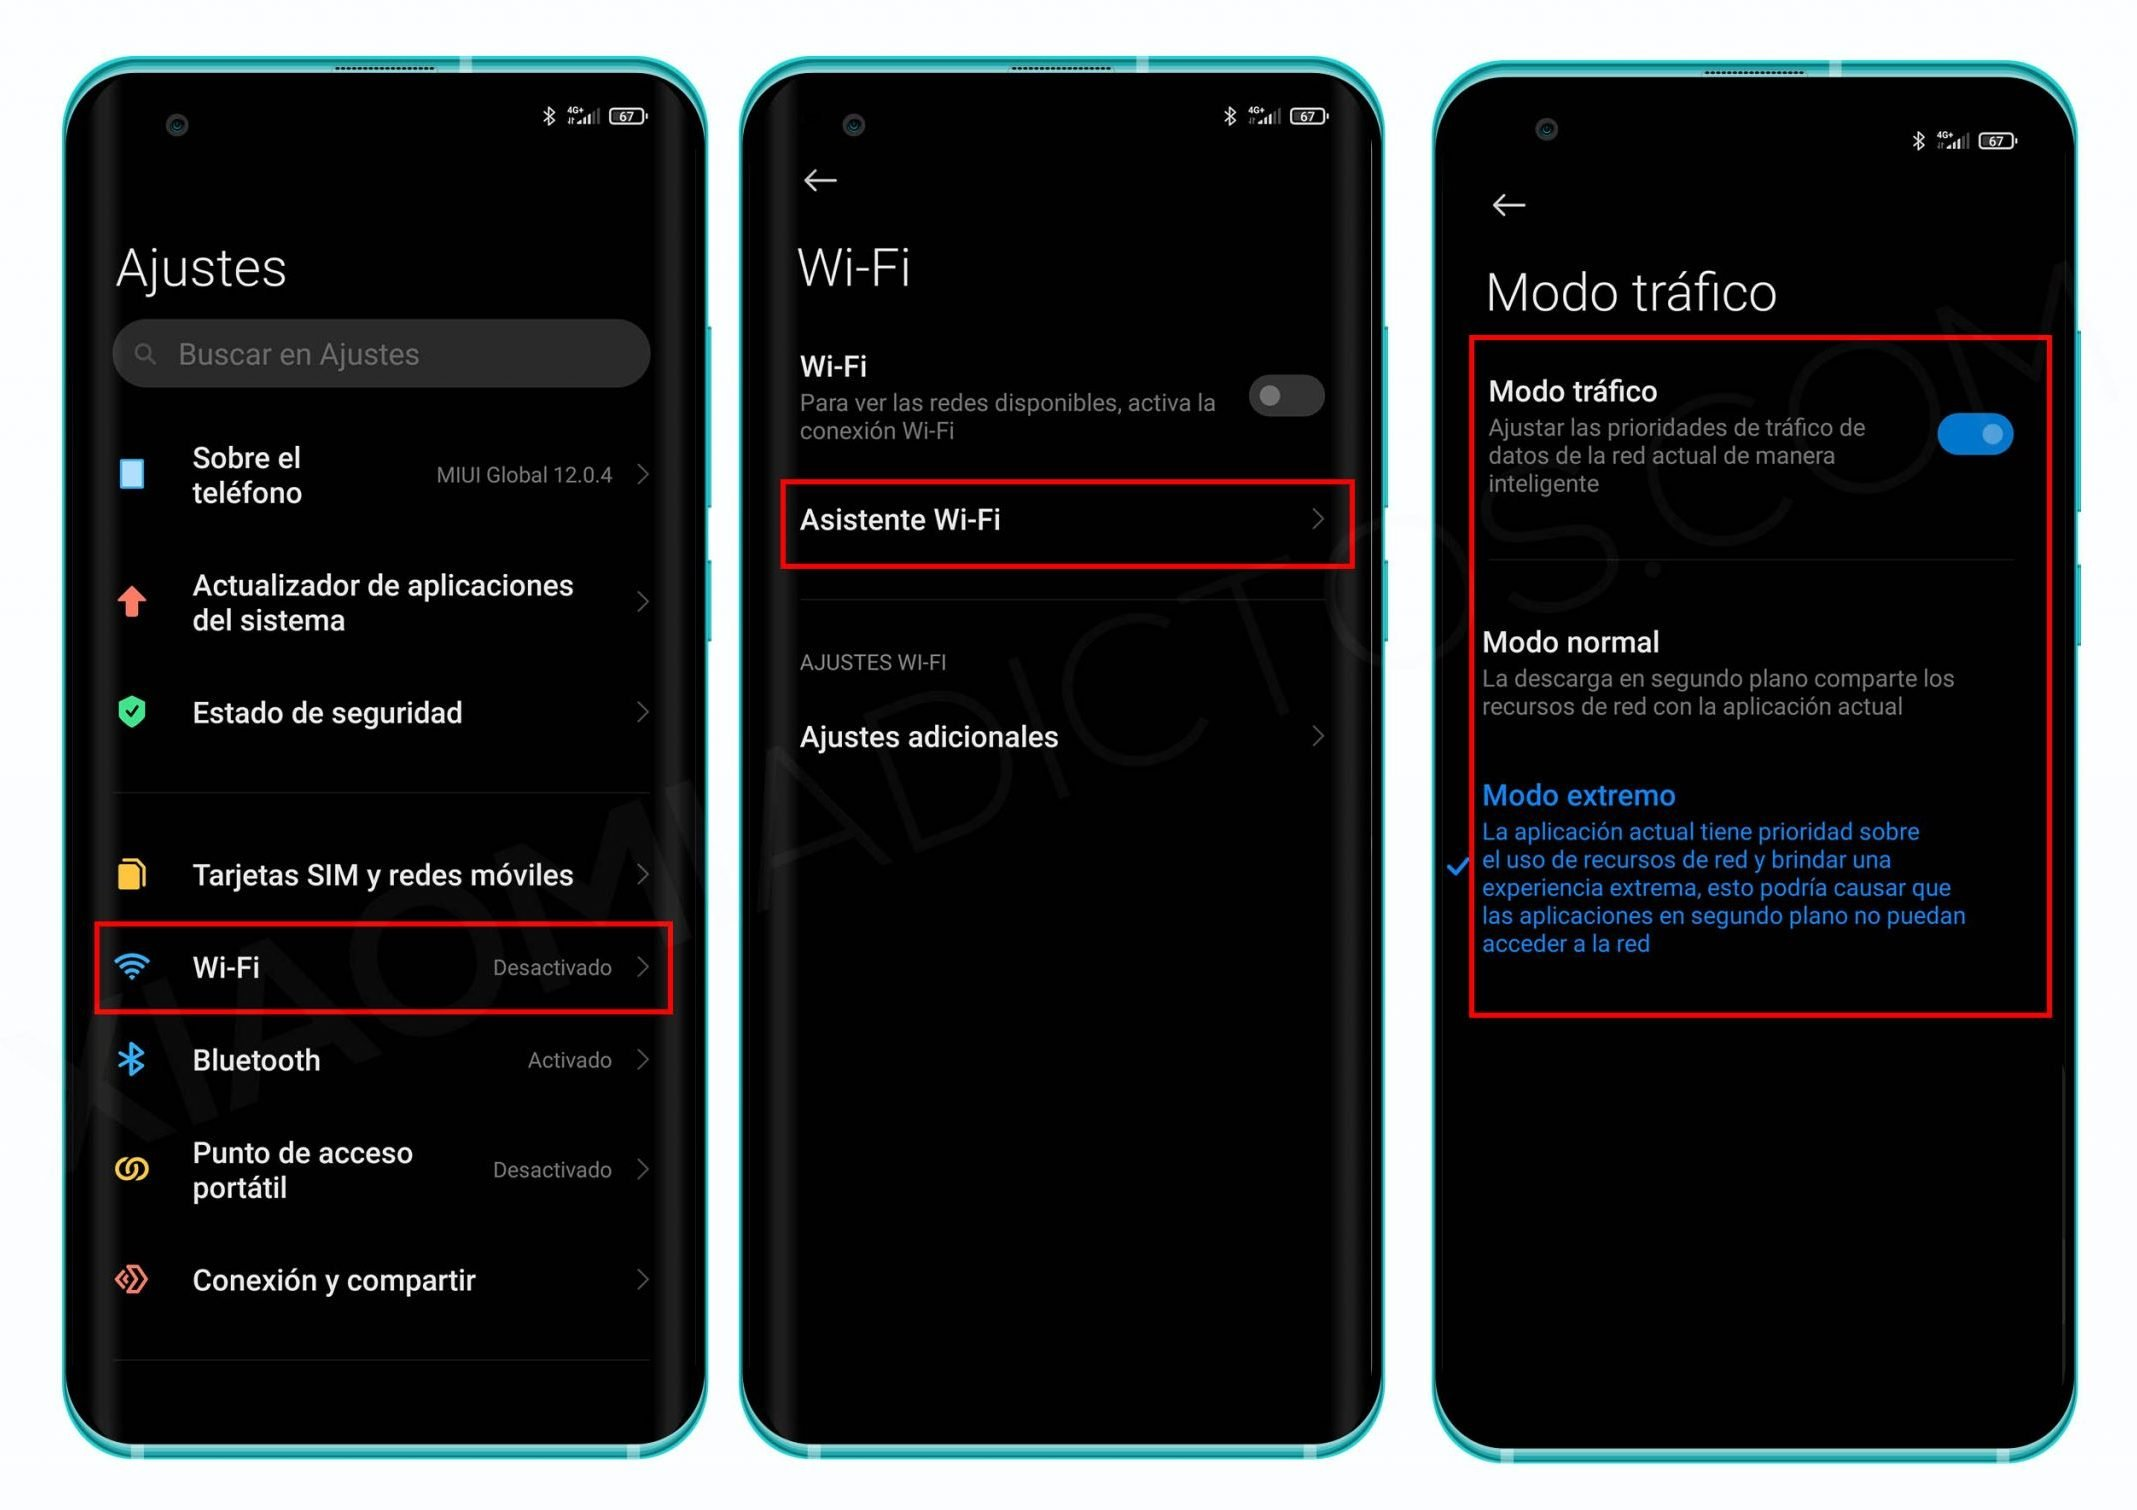 Mejorar velocidad wifi Xiaomi, acelerar internet en MIUI. Noticias Xiaomi Adictos